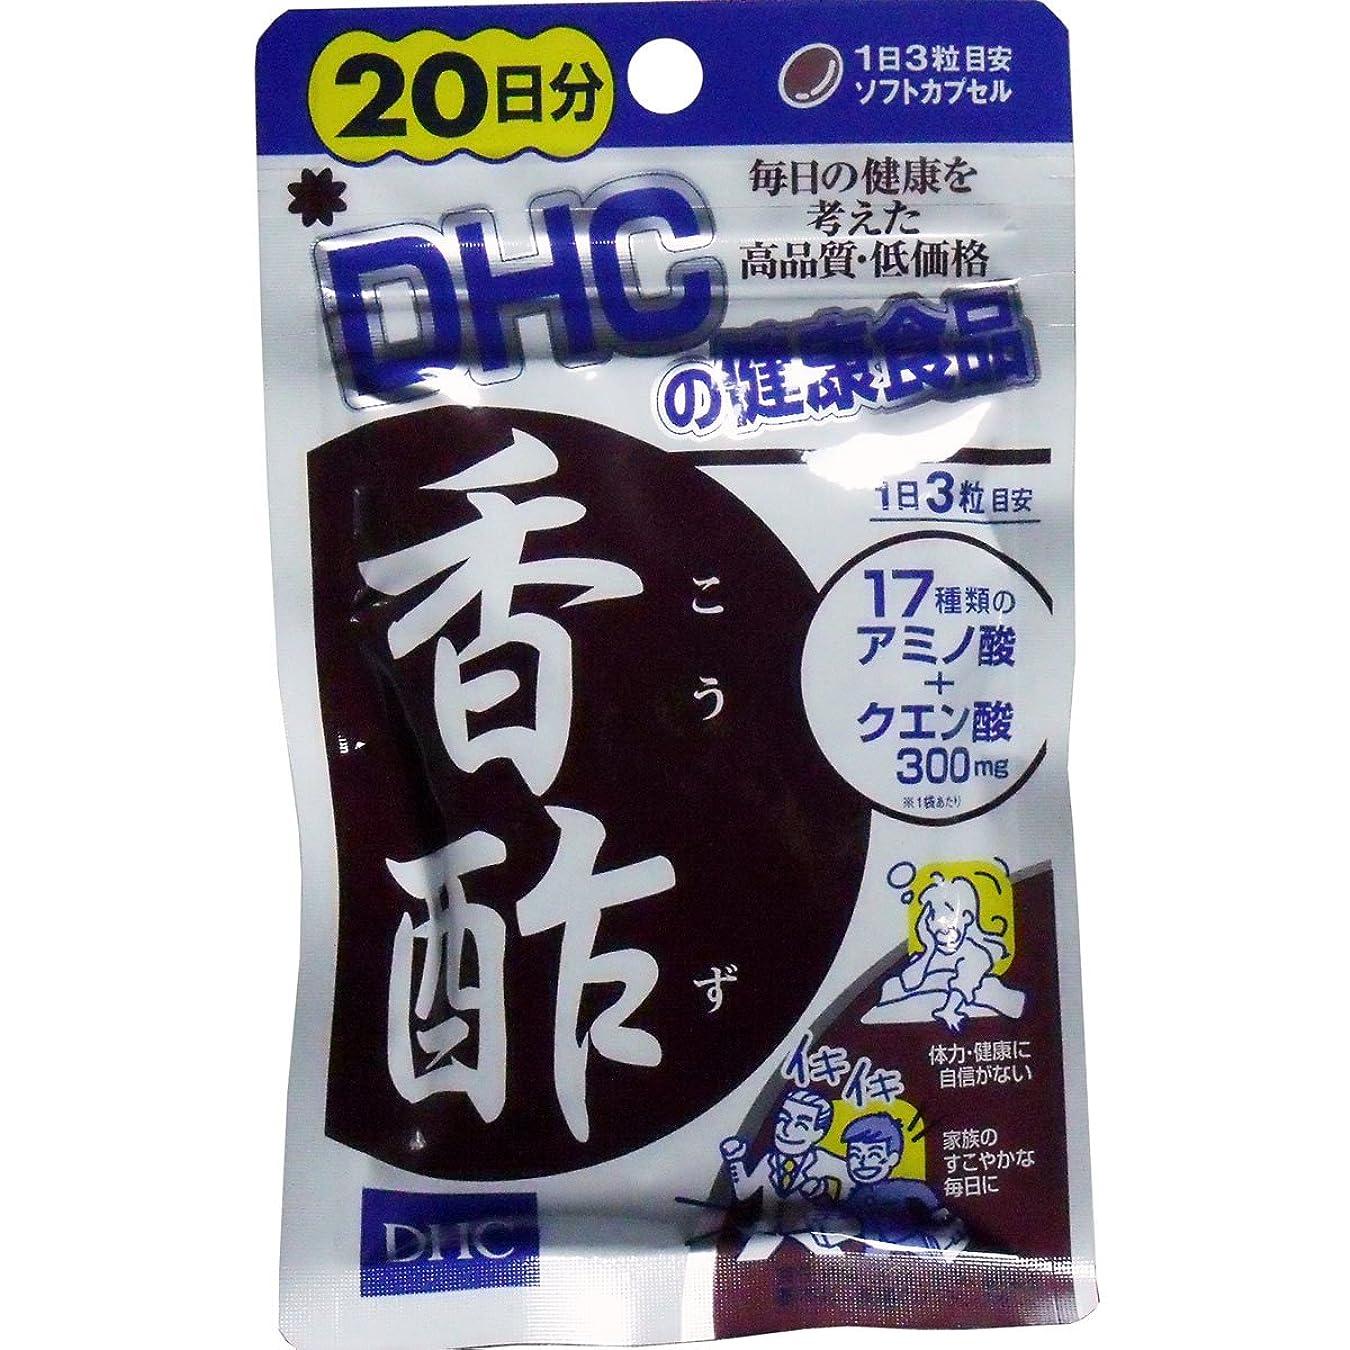 ランク一晩デッキDHC 香酢 20日分 60粒入「5点セット」